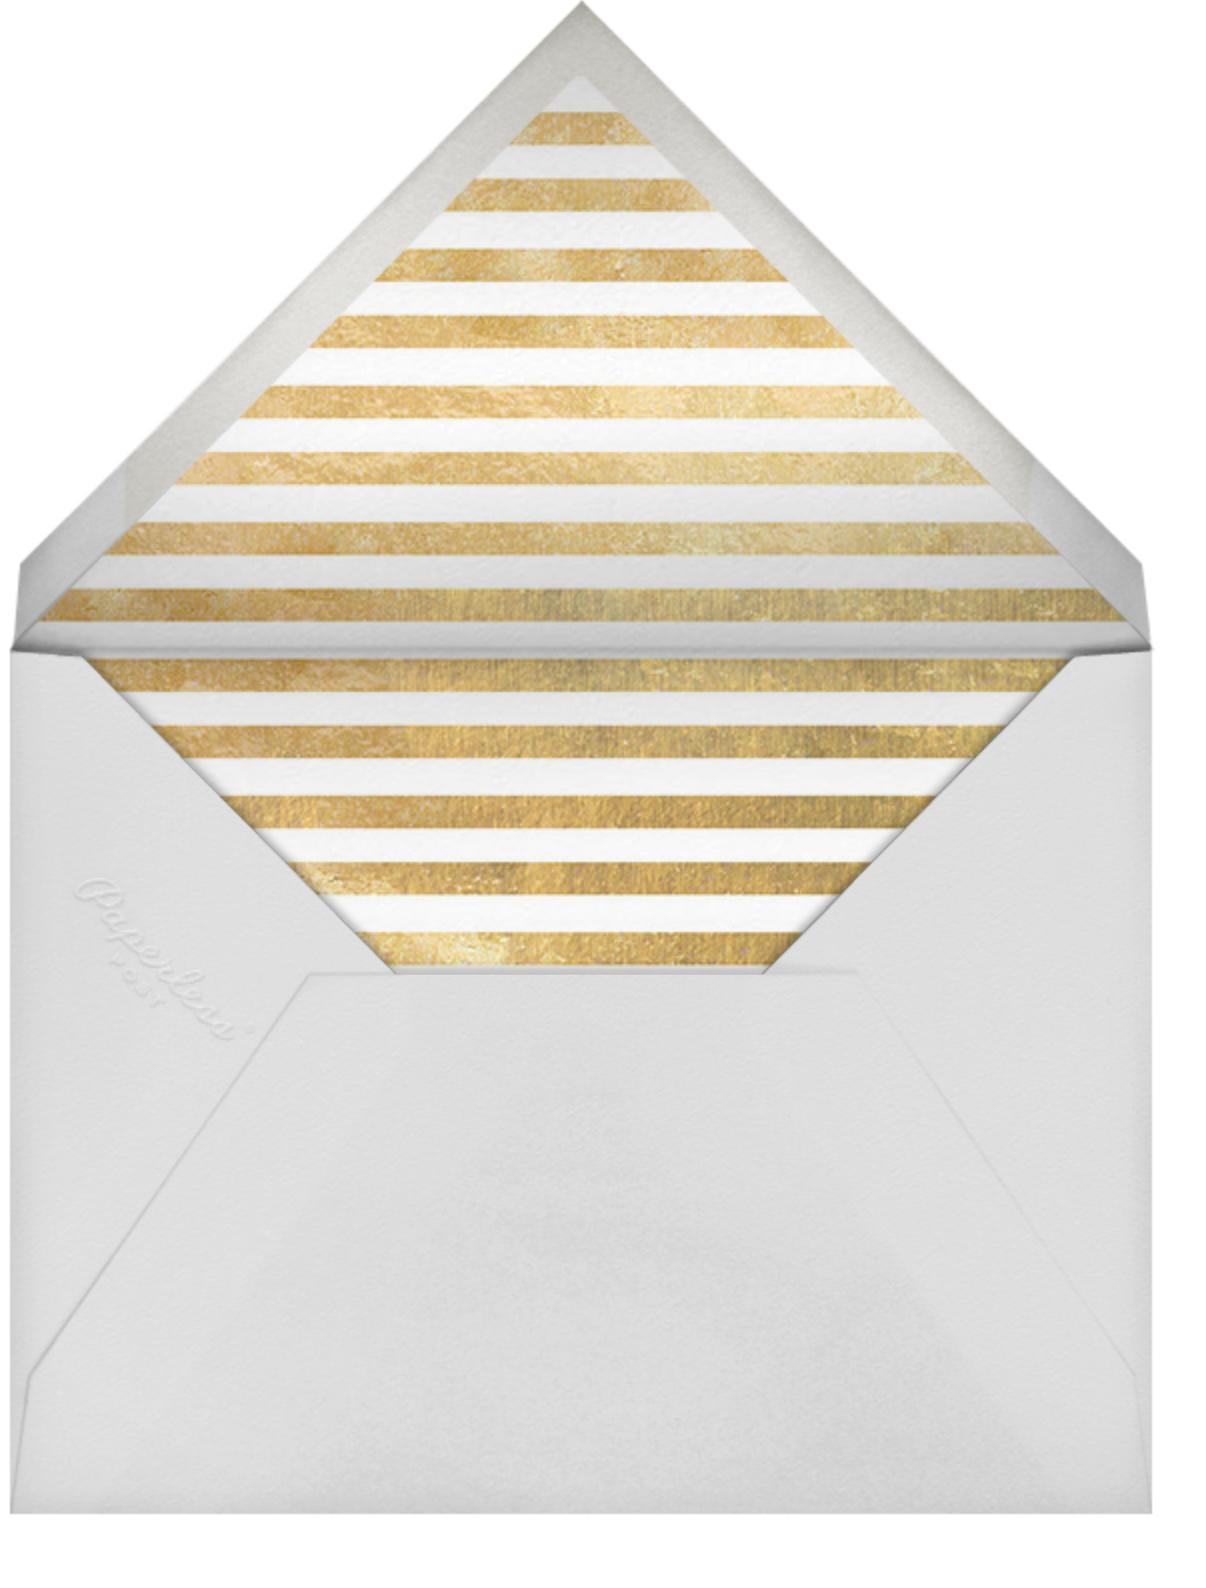 Feliz - kate spade new york - Holiday cards - envelope back